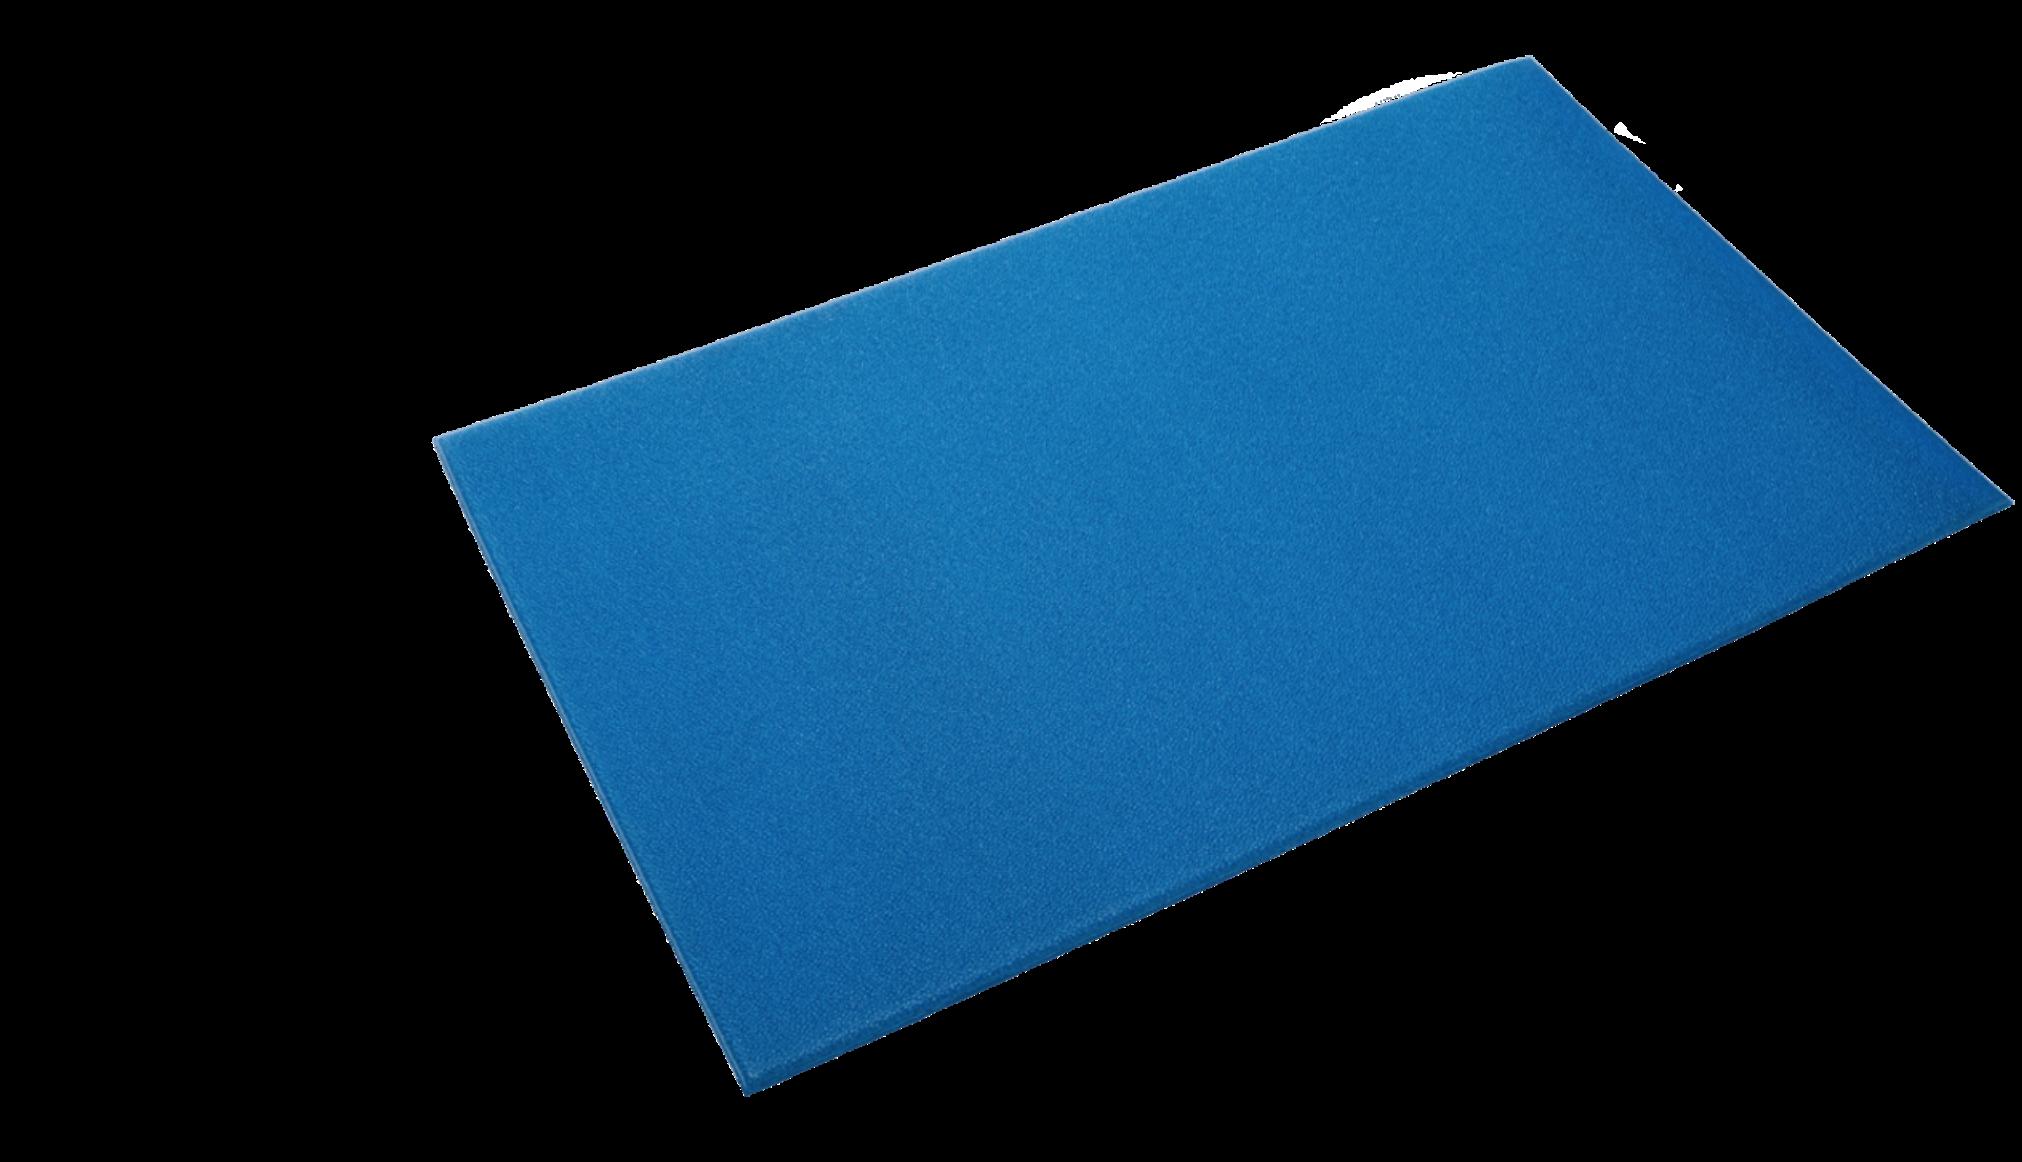 Crown_440-445-Comfort-KingZedlan_Blue_mat_1008x808@2x